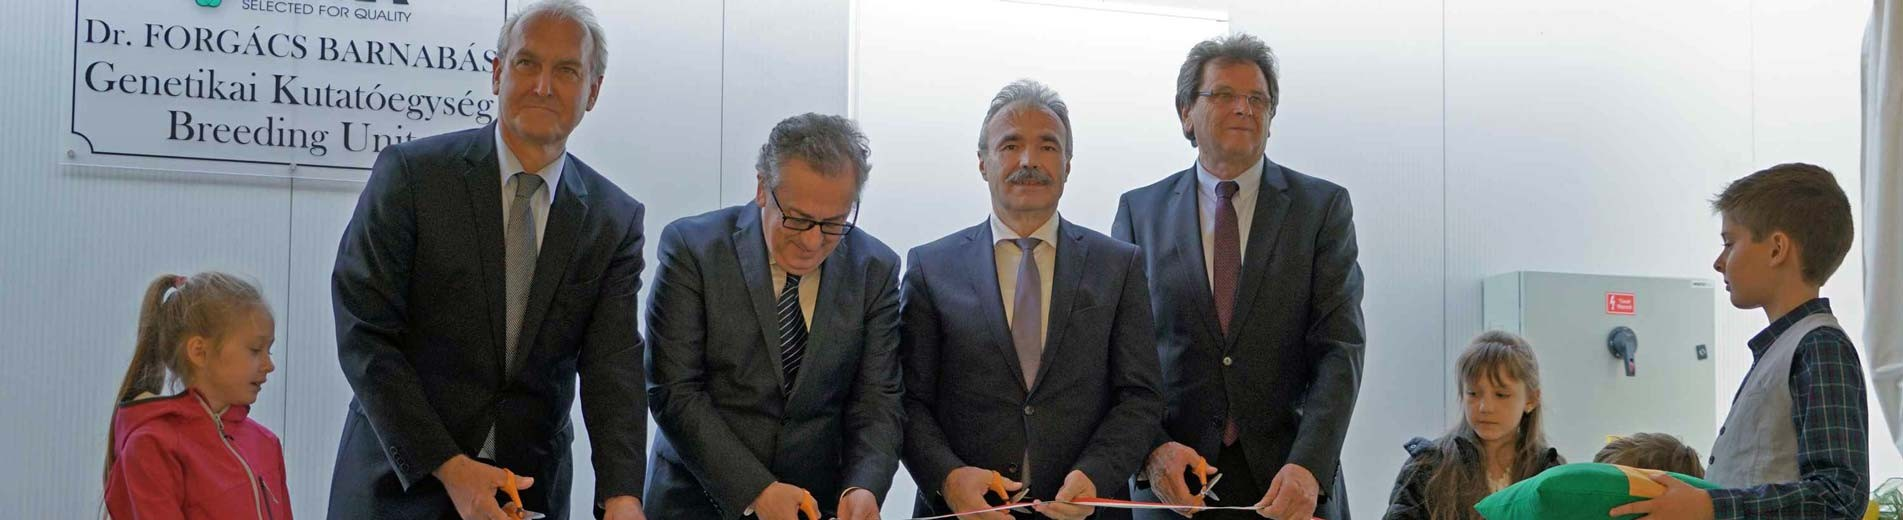 A Kaposvári Egyetem vezetésével fog működni a Bábolna új genetikai kutatóbázisa